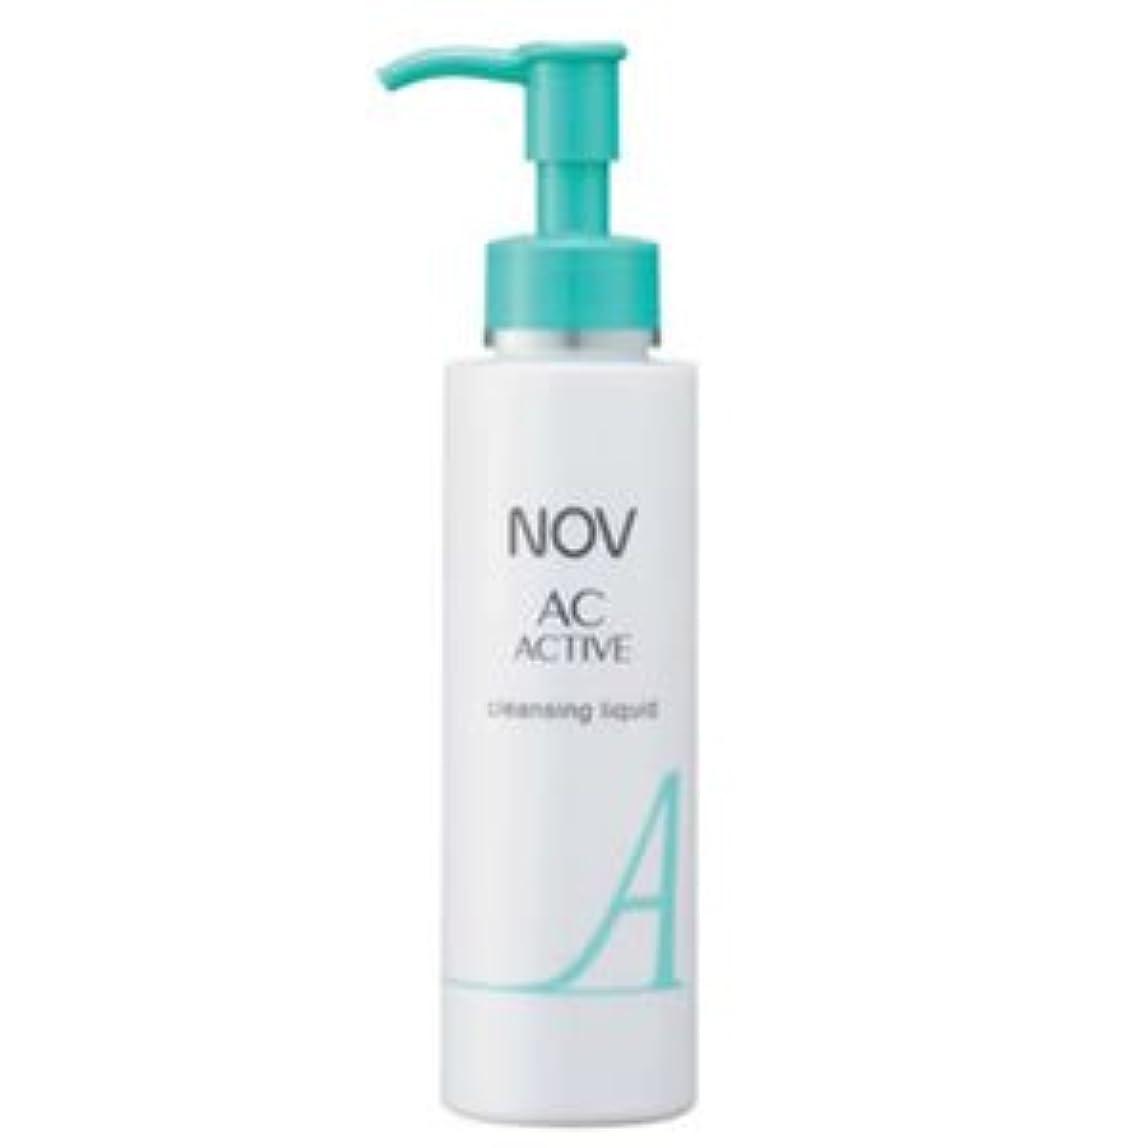 慎重にグレートオーク一般的なNOV ノブ ACアクティブ クレンジングリキッド n 120mL 医薬部外品